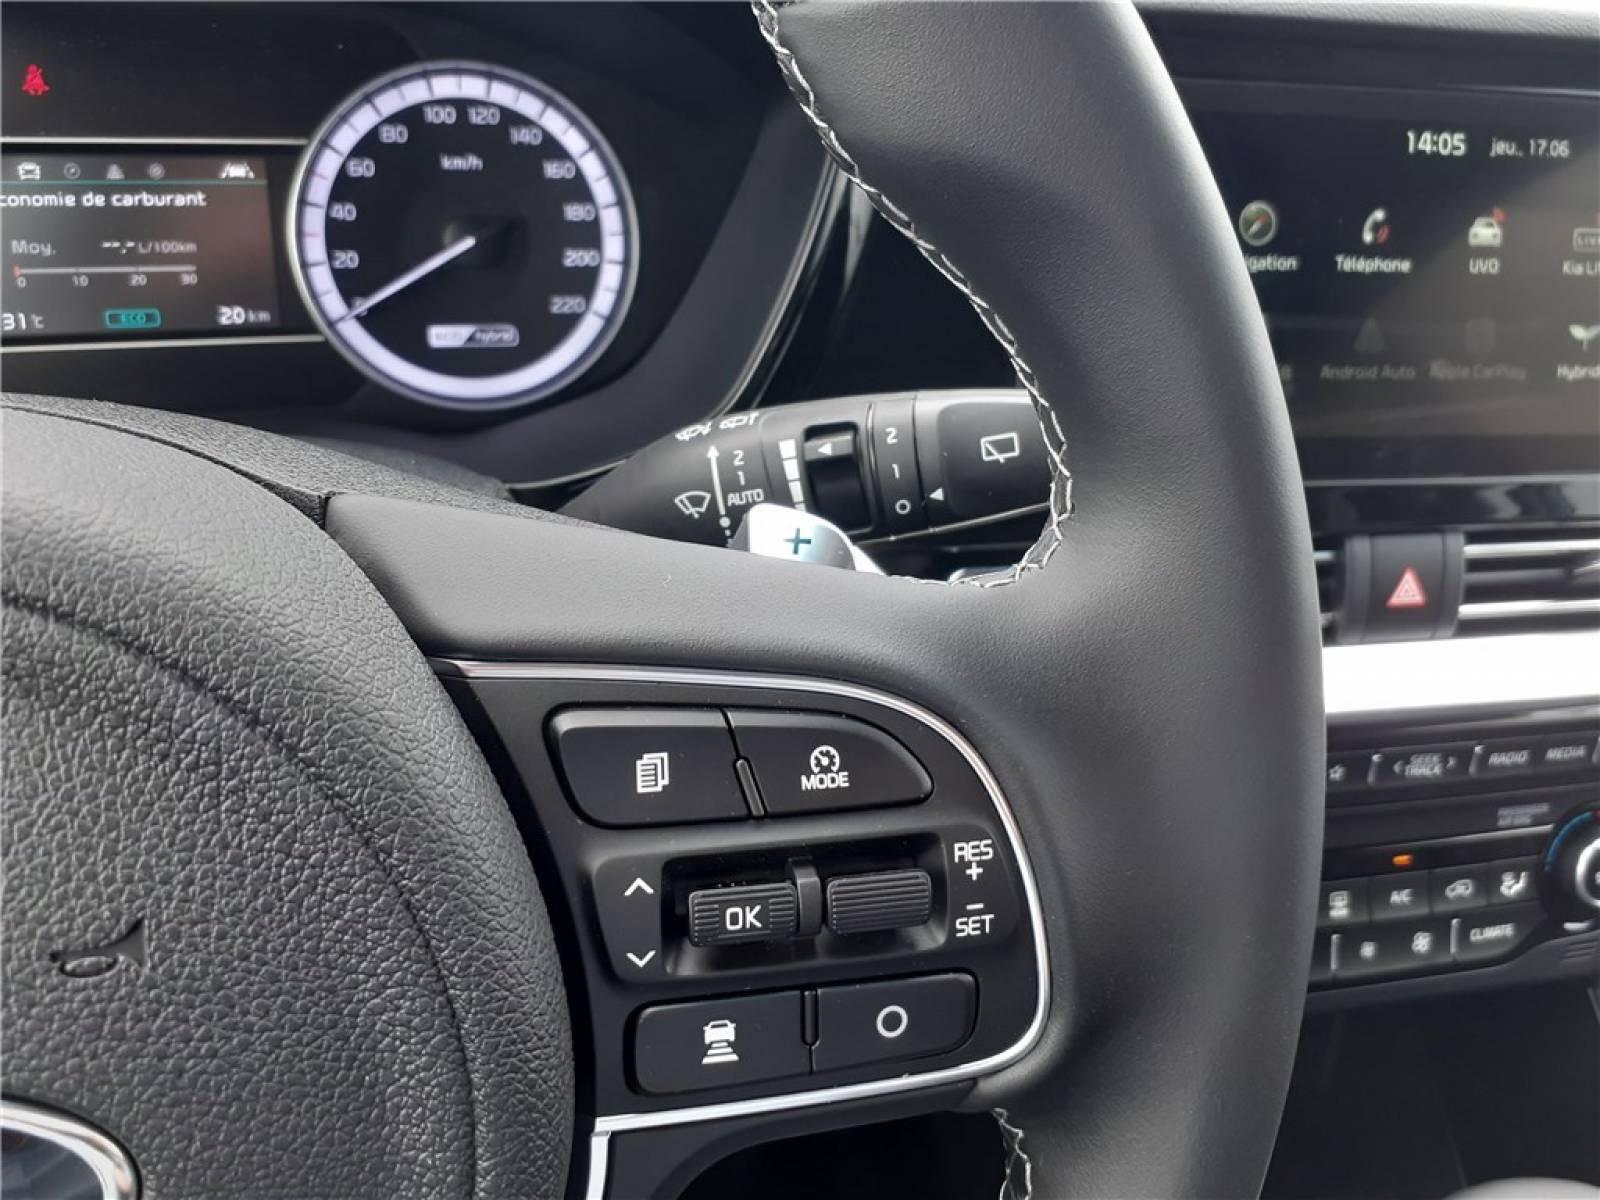 KIA Niro Hybrid 1.6 GDi 105 ch ISG + Electrique 43.5 ch DCT6 - véhicule d'occasion - Groupe Guillet - Hall de l'automobile - Chalon sur Saône - 71380 - Saint-Marcel - 25